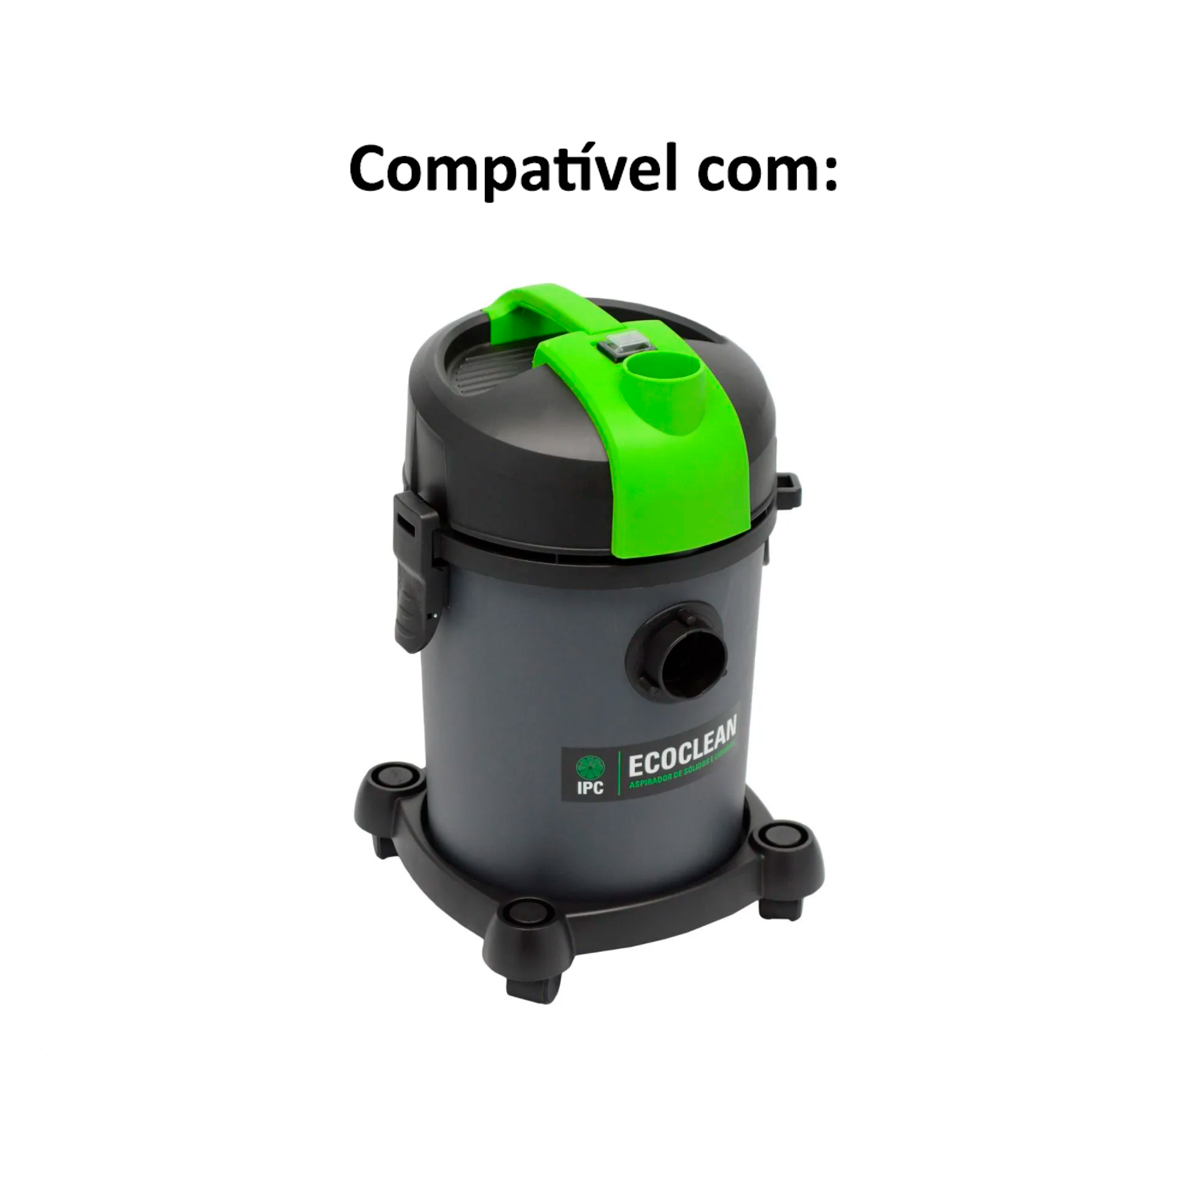 Motor para Aspirador IPC Ecoclean 220v Original